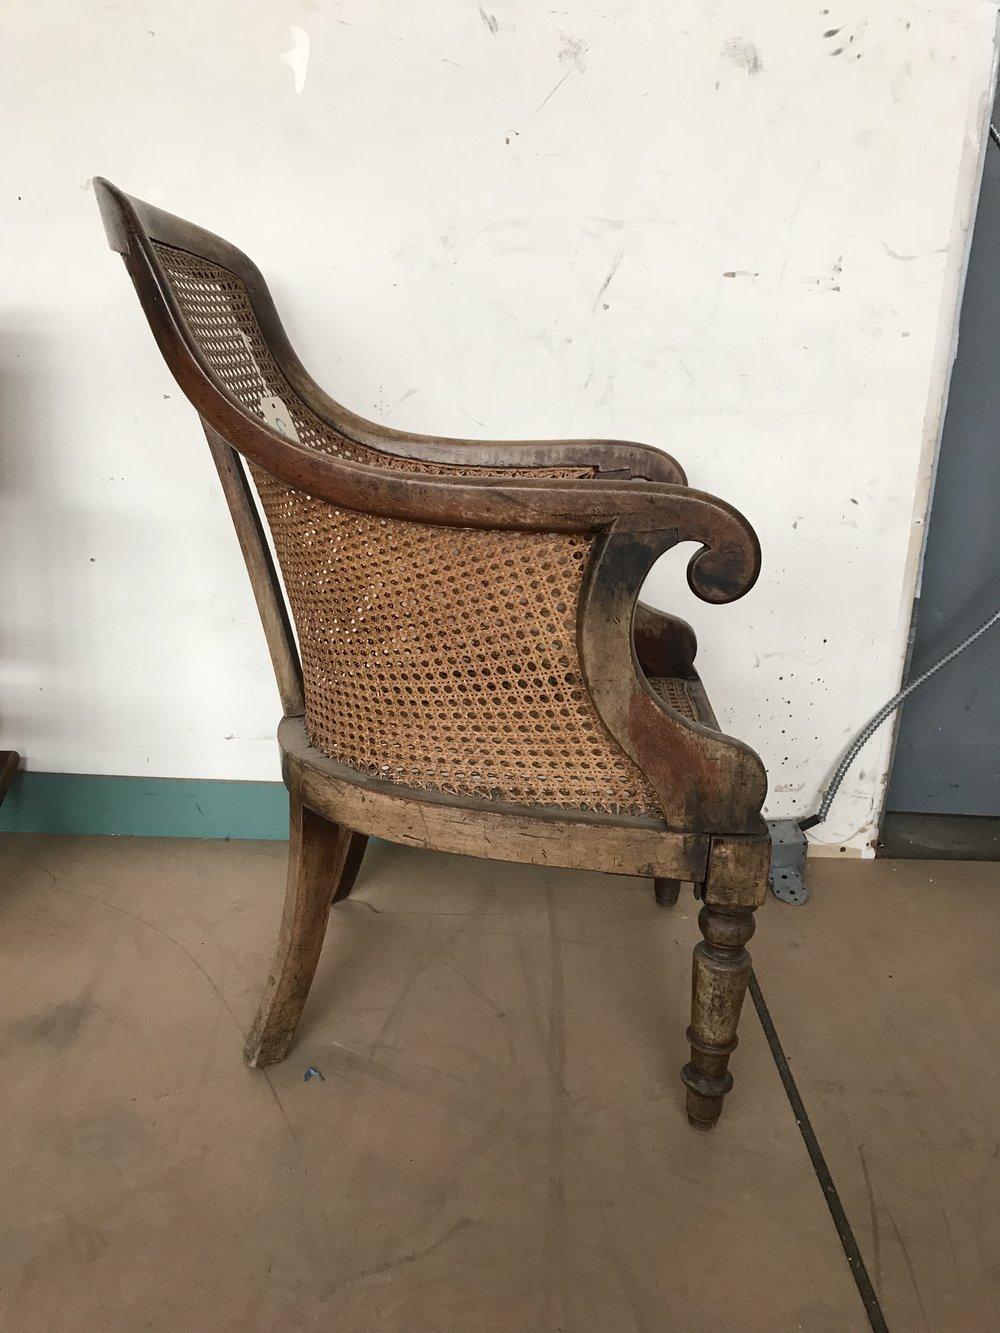 Cane Chair2.JPG